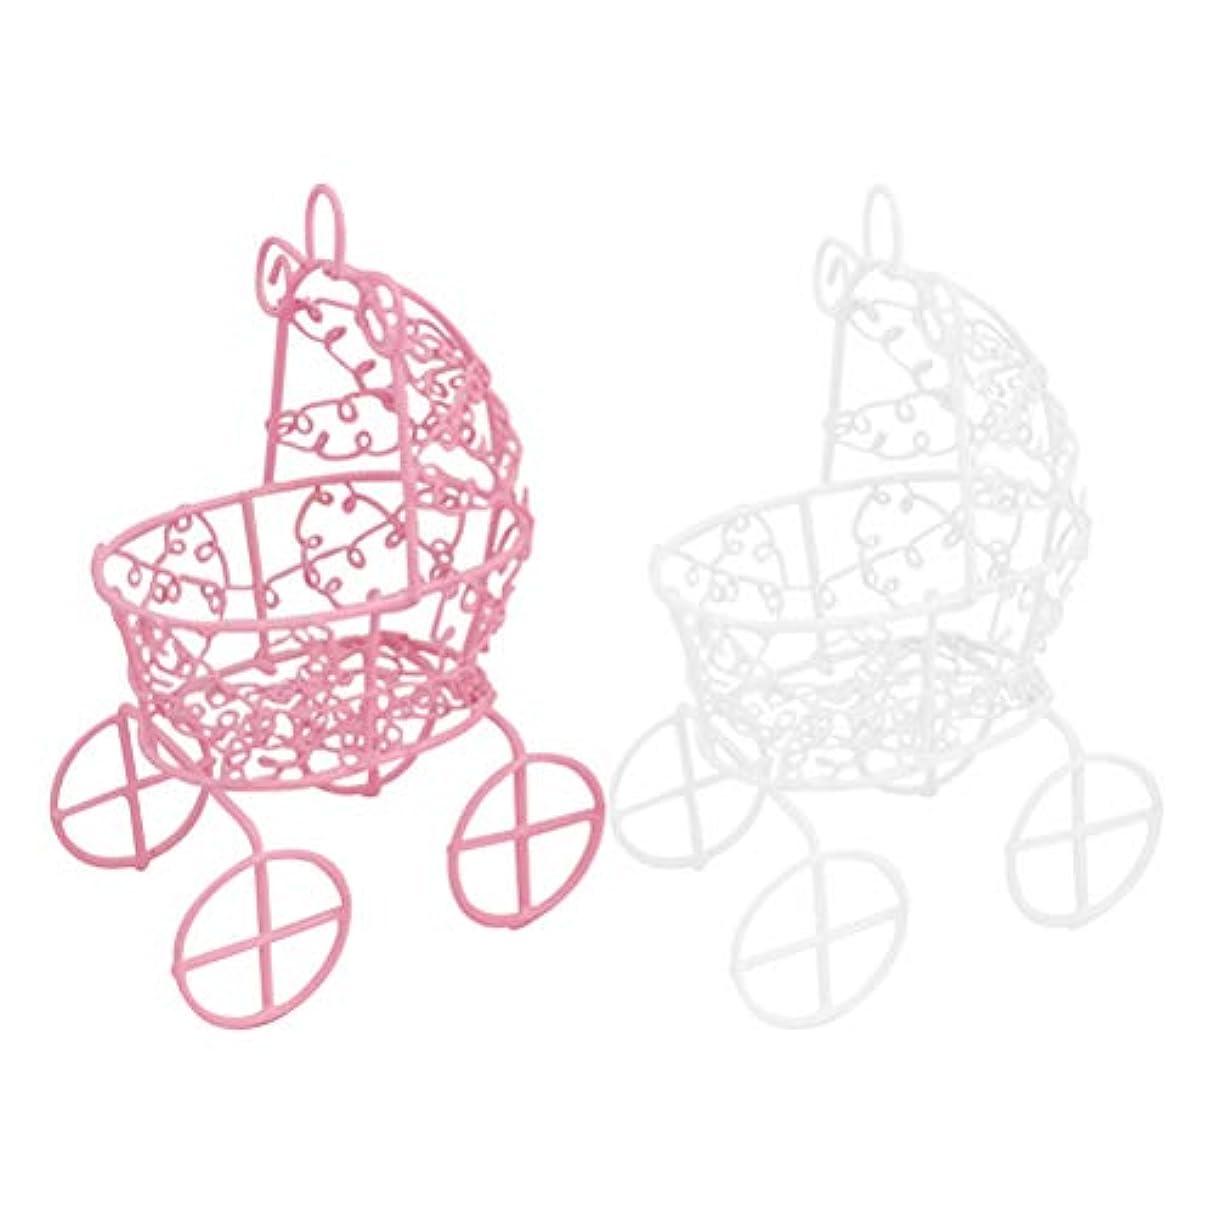 ソフトウェア耕すカバーFrcolor メイクスポンジスタンド パフホルダー パフ乾燥用スタンド 化粧用パフ收納 カビ防止 小型軽量 2色セット(ピンク+ホワイト)